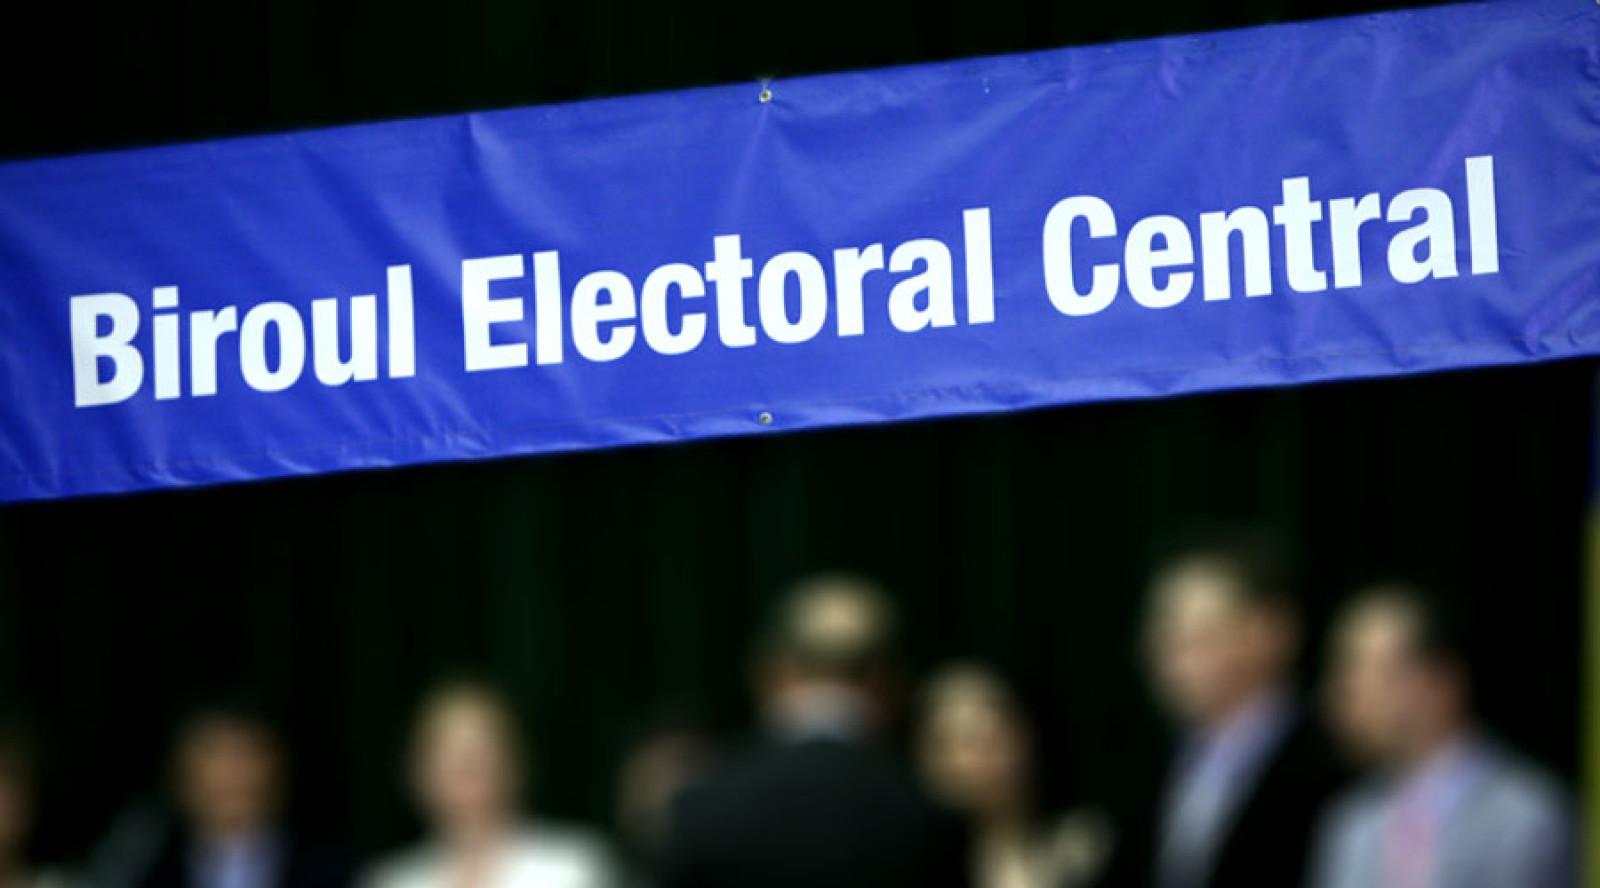 Imagini pentru Biroul Electoral Central